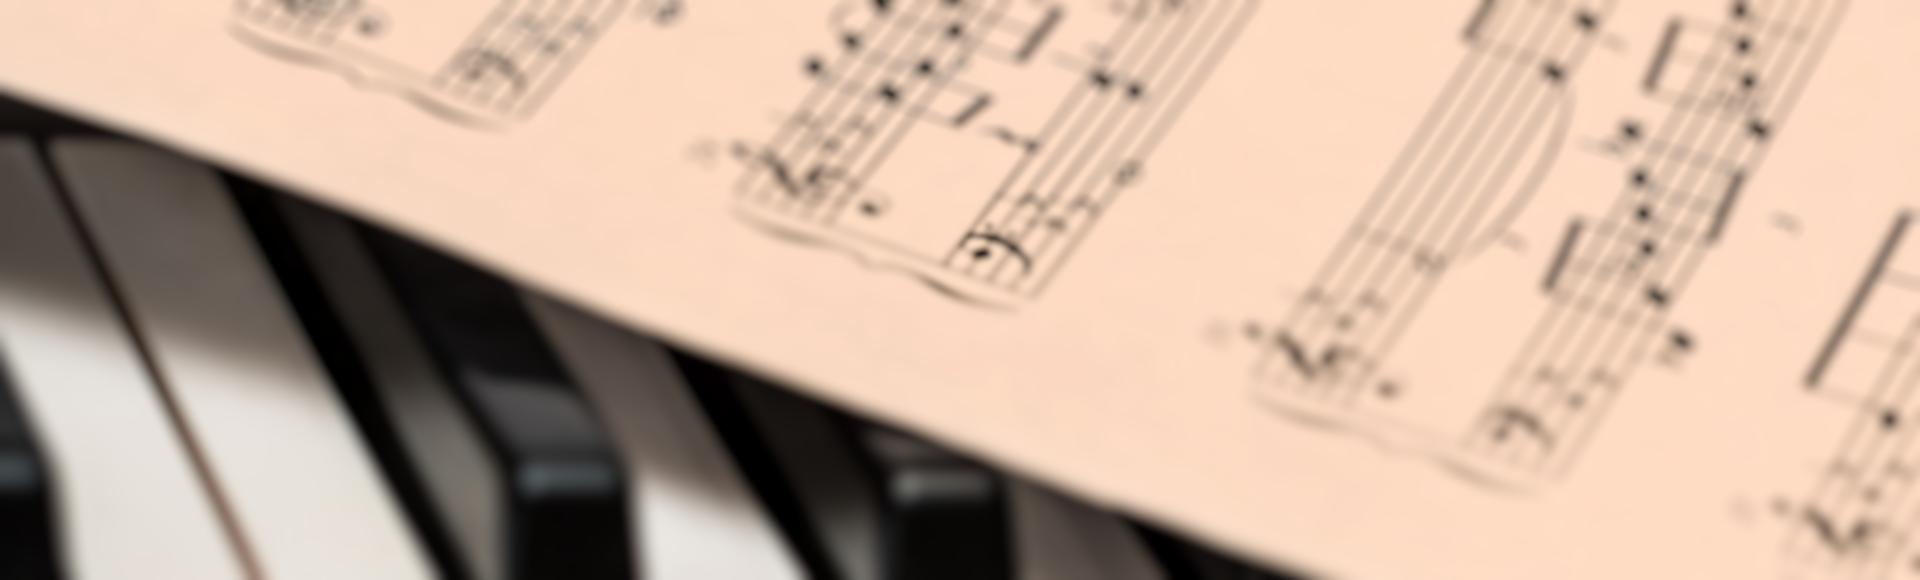 Une école de musique pourquoi